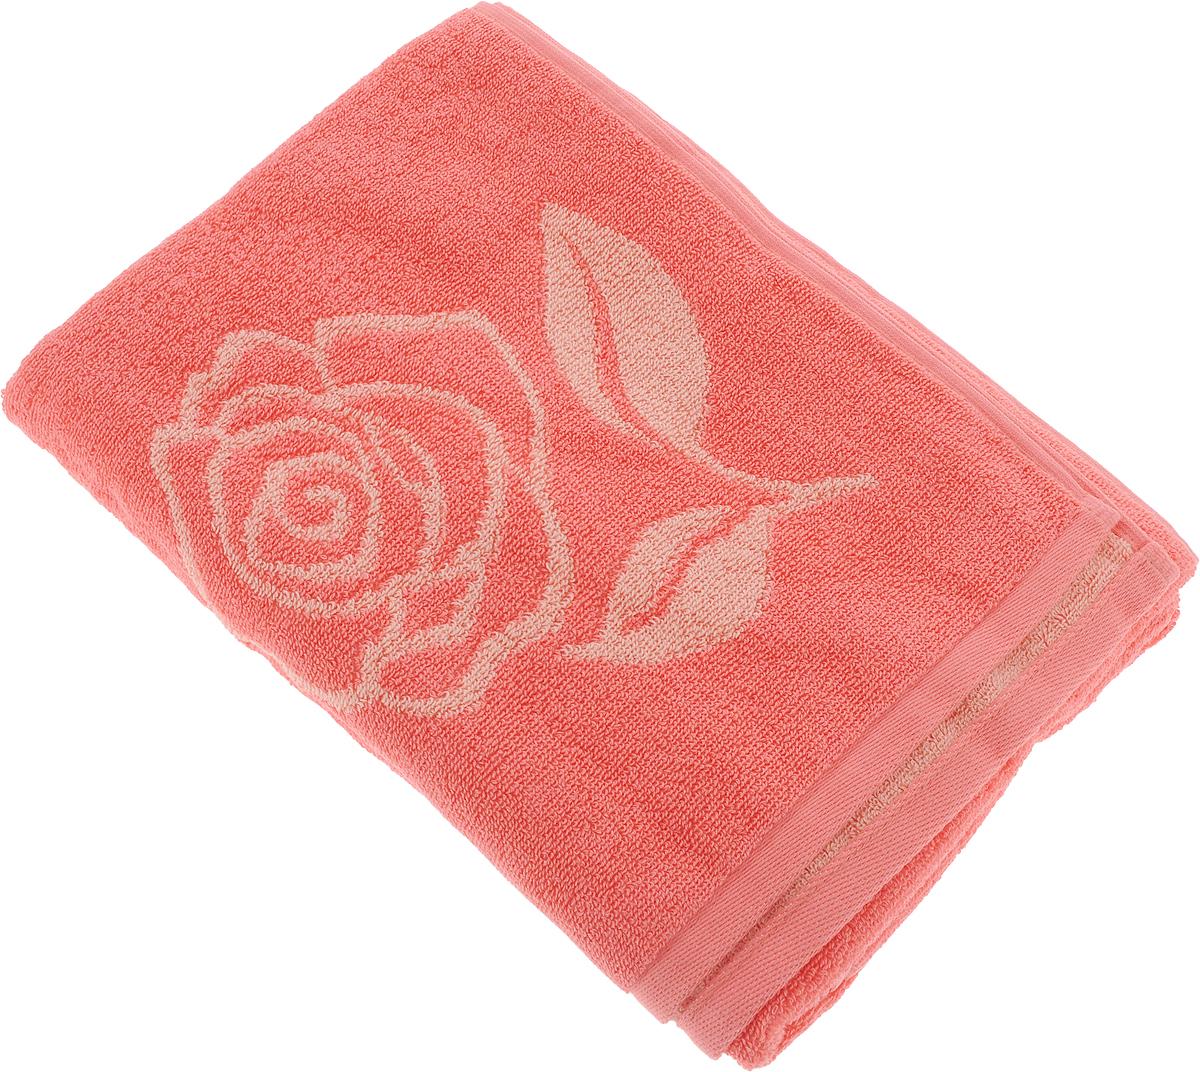 Полотенце банное Aquarelle Розы 1, цвет: розово-персиковый, коралловый, 70 х 140 см полотенце aquarelle розы 1 цвет розово персиковый коралловый 35 х 70 см